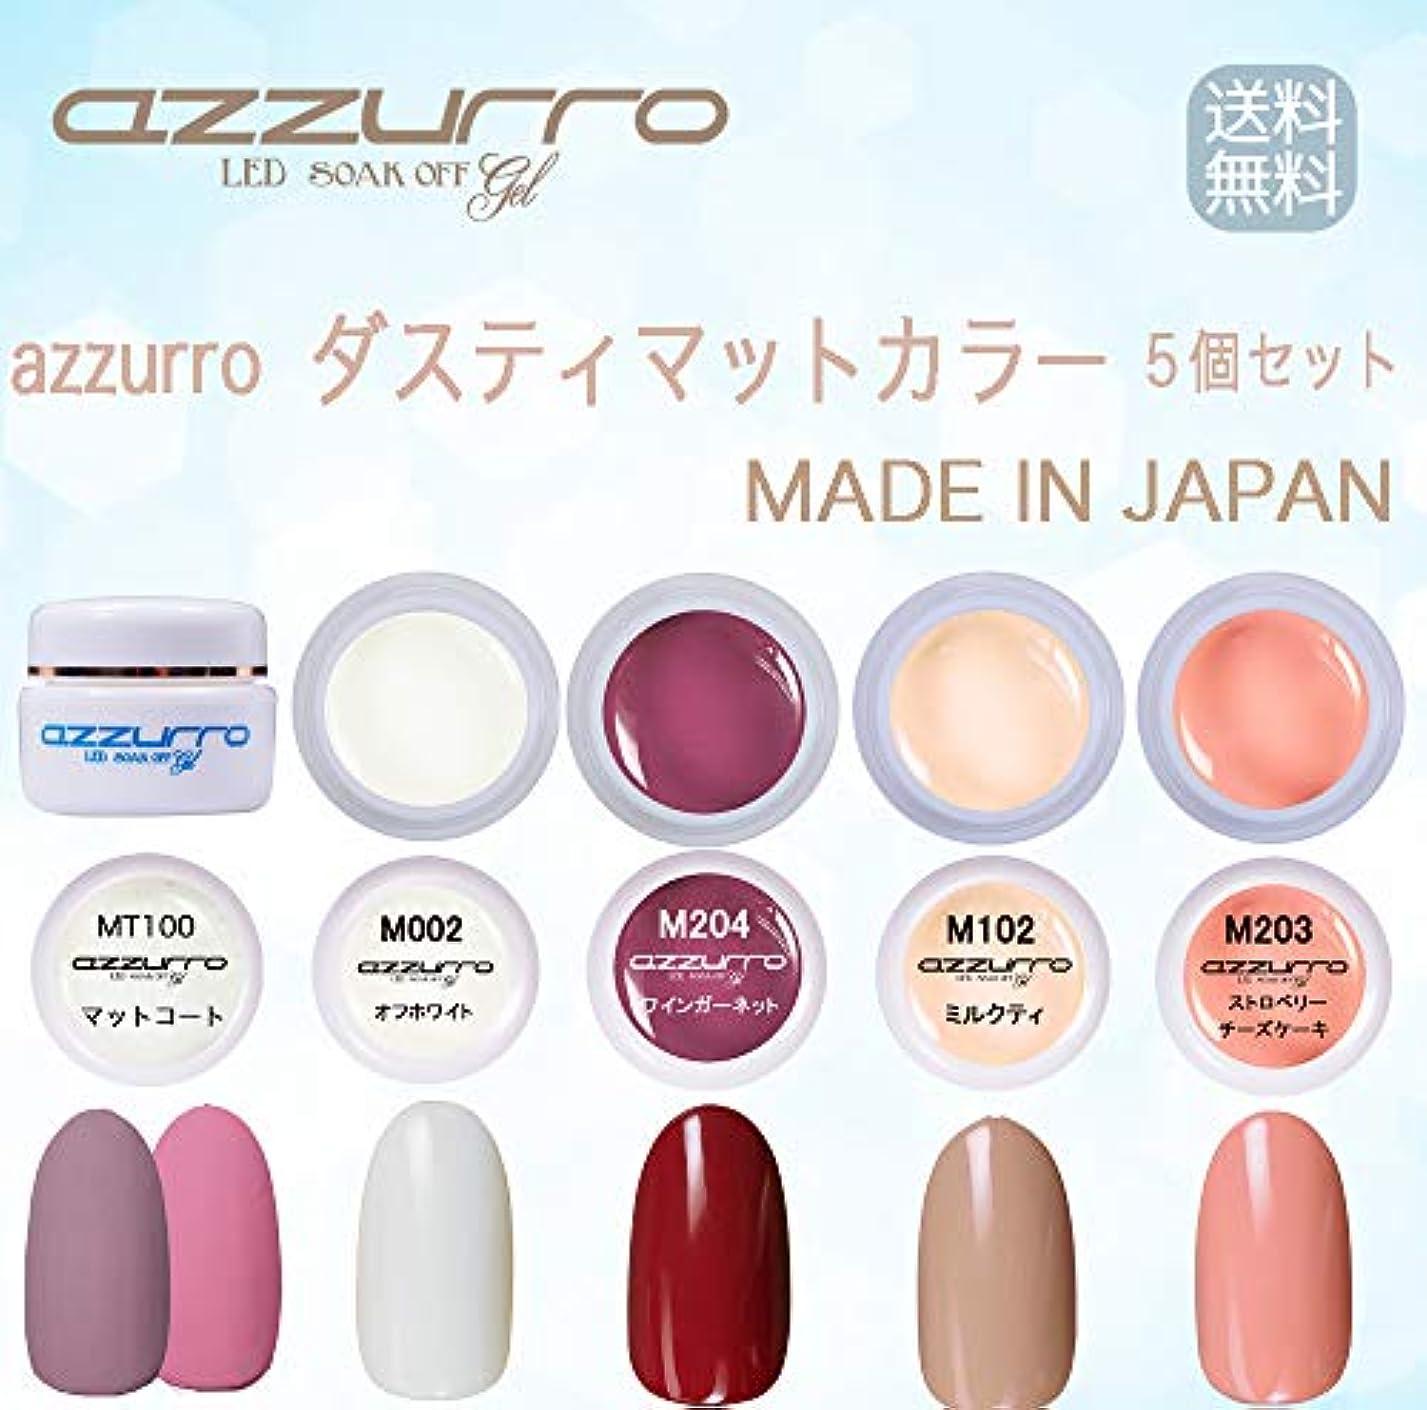 ホットスリッパ気性【送料無料】日本製 azzurro gel ダスティマットカラージェル5個セット 春ネイルにぴったりなダスティなマットカラー